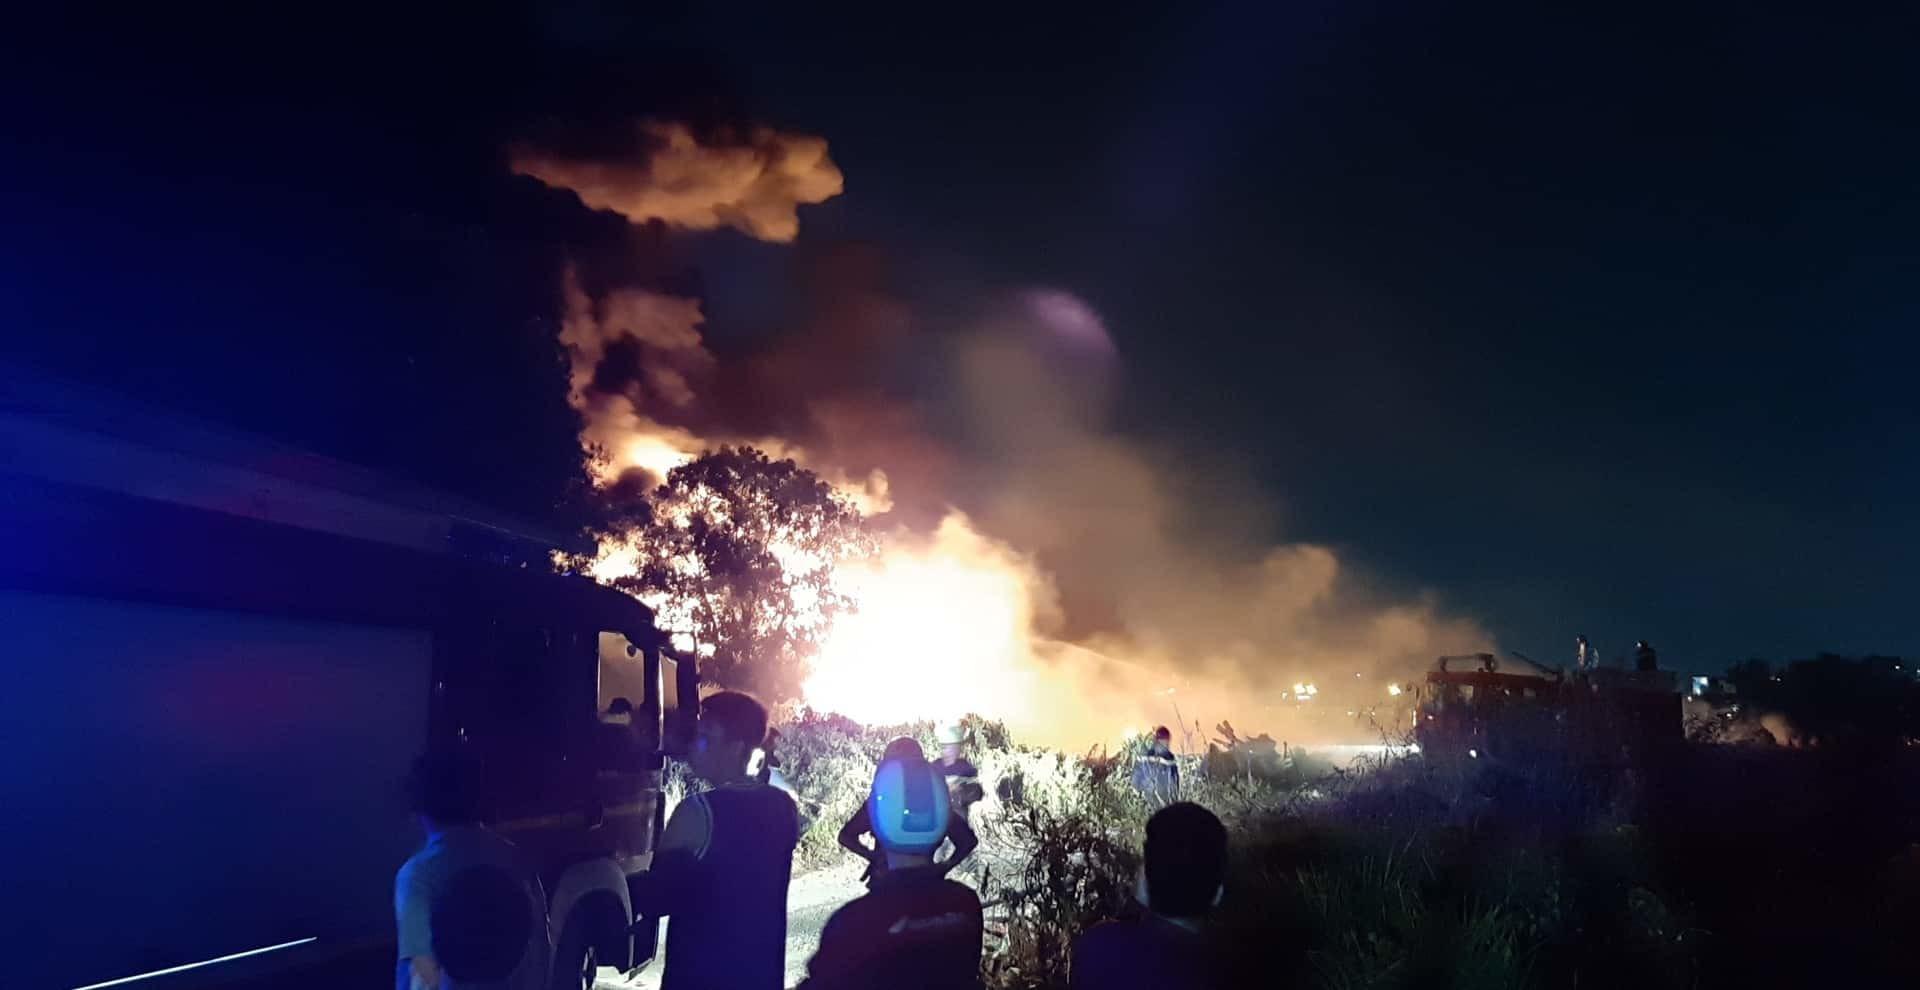 Biển lửa bao trùm bãi xe ở Sài Gòn